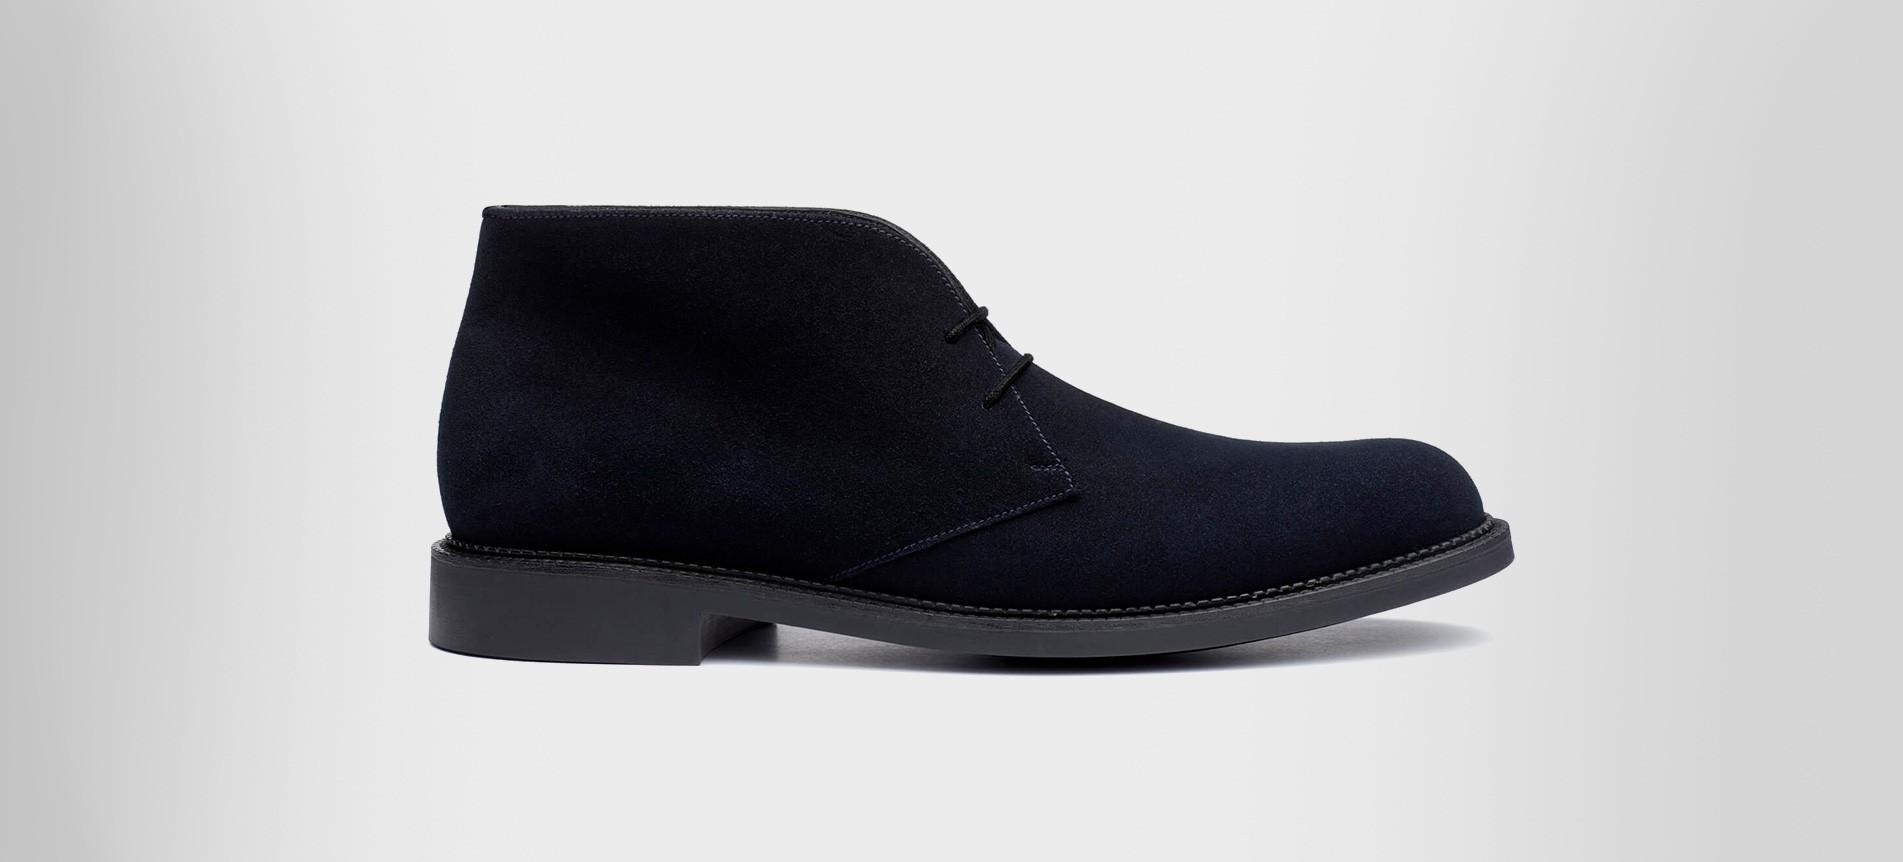 Chukka boot Navy blue suede calfskin